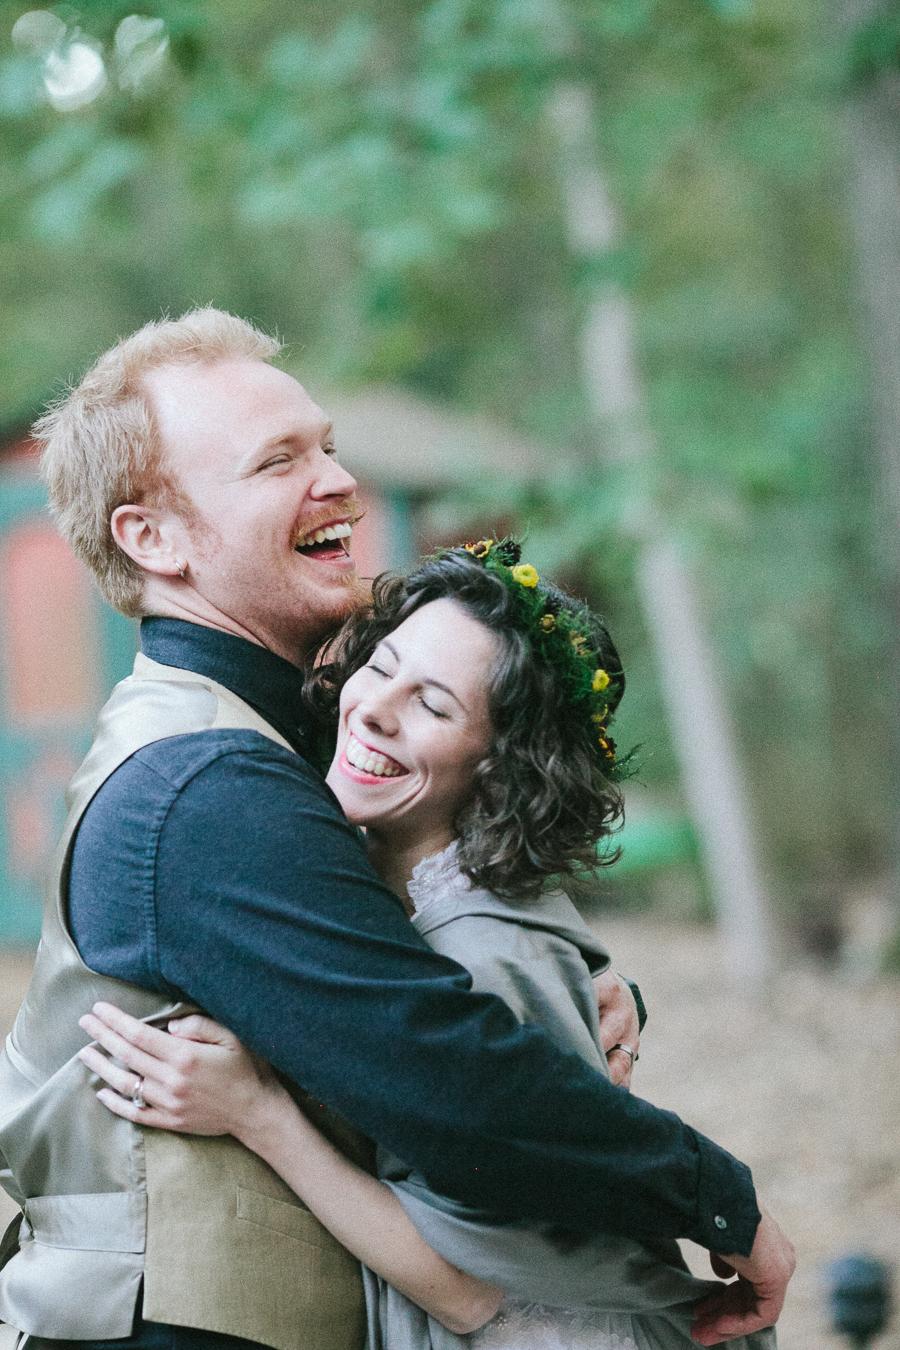 Cedar_run_wildlife_reserve_New_Jersey_documentary_wedding_photographer-106.jpg